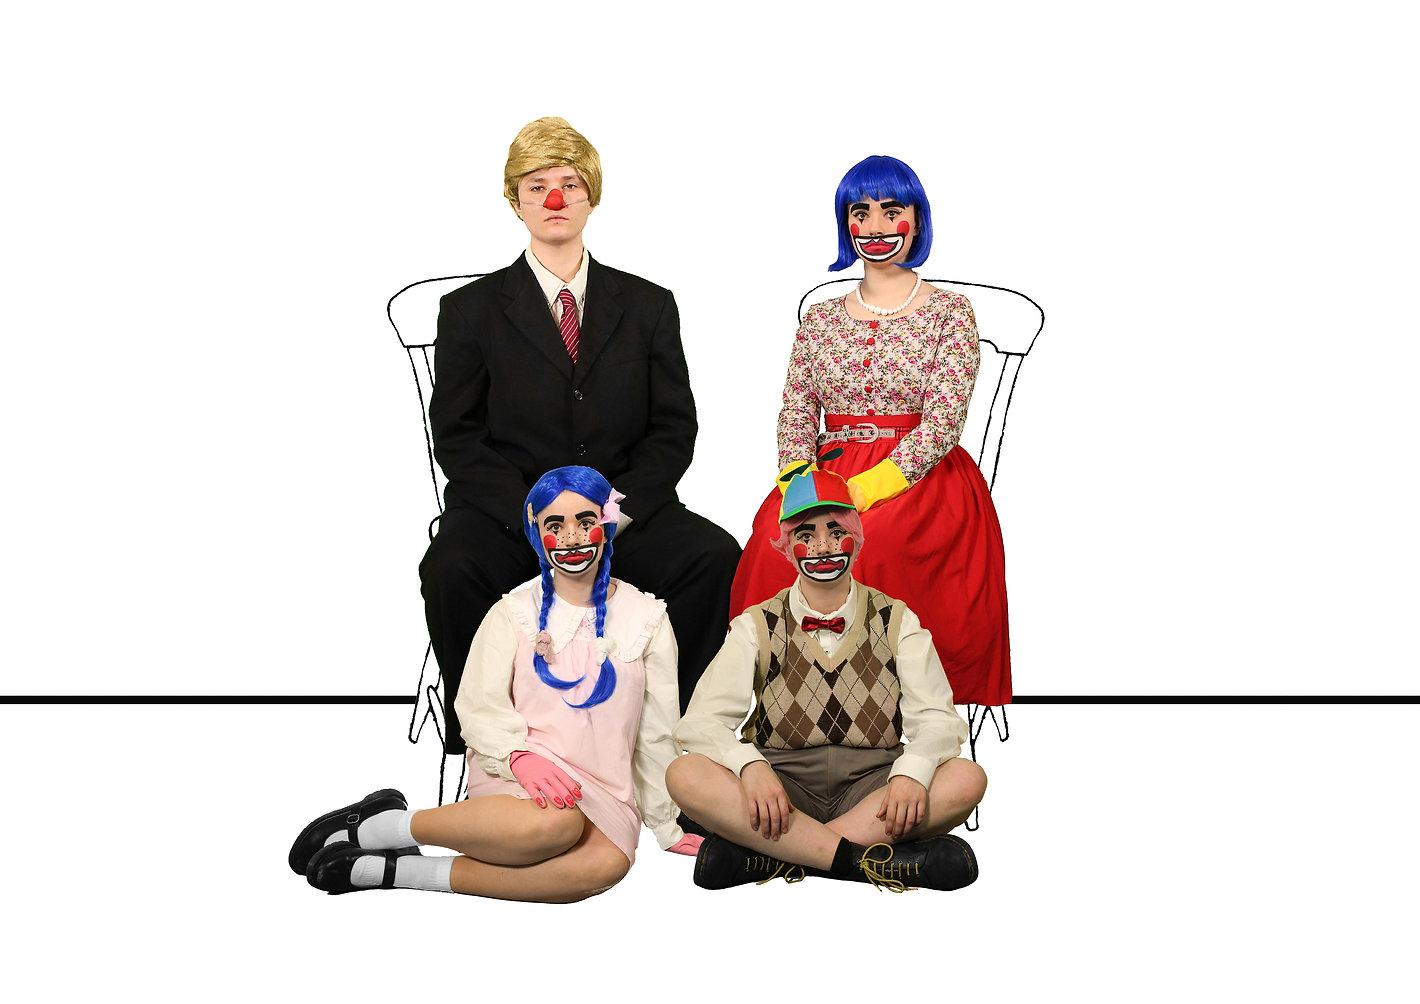 family portrait - full length (WEB USE).